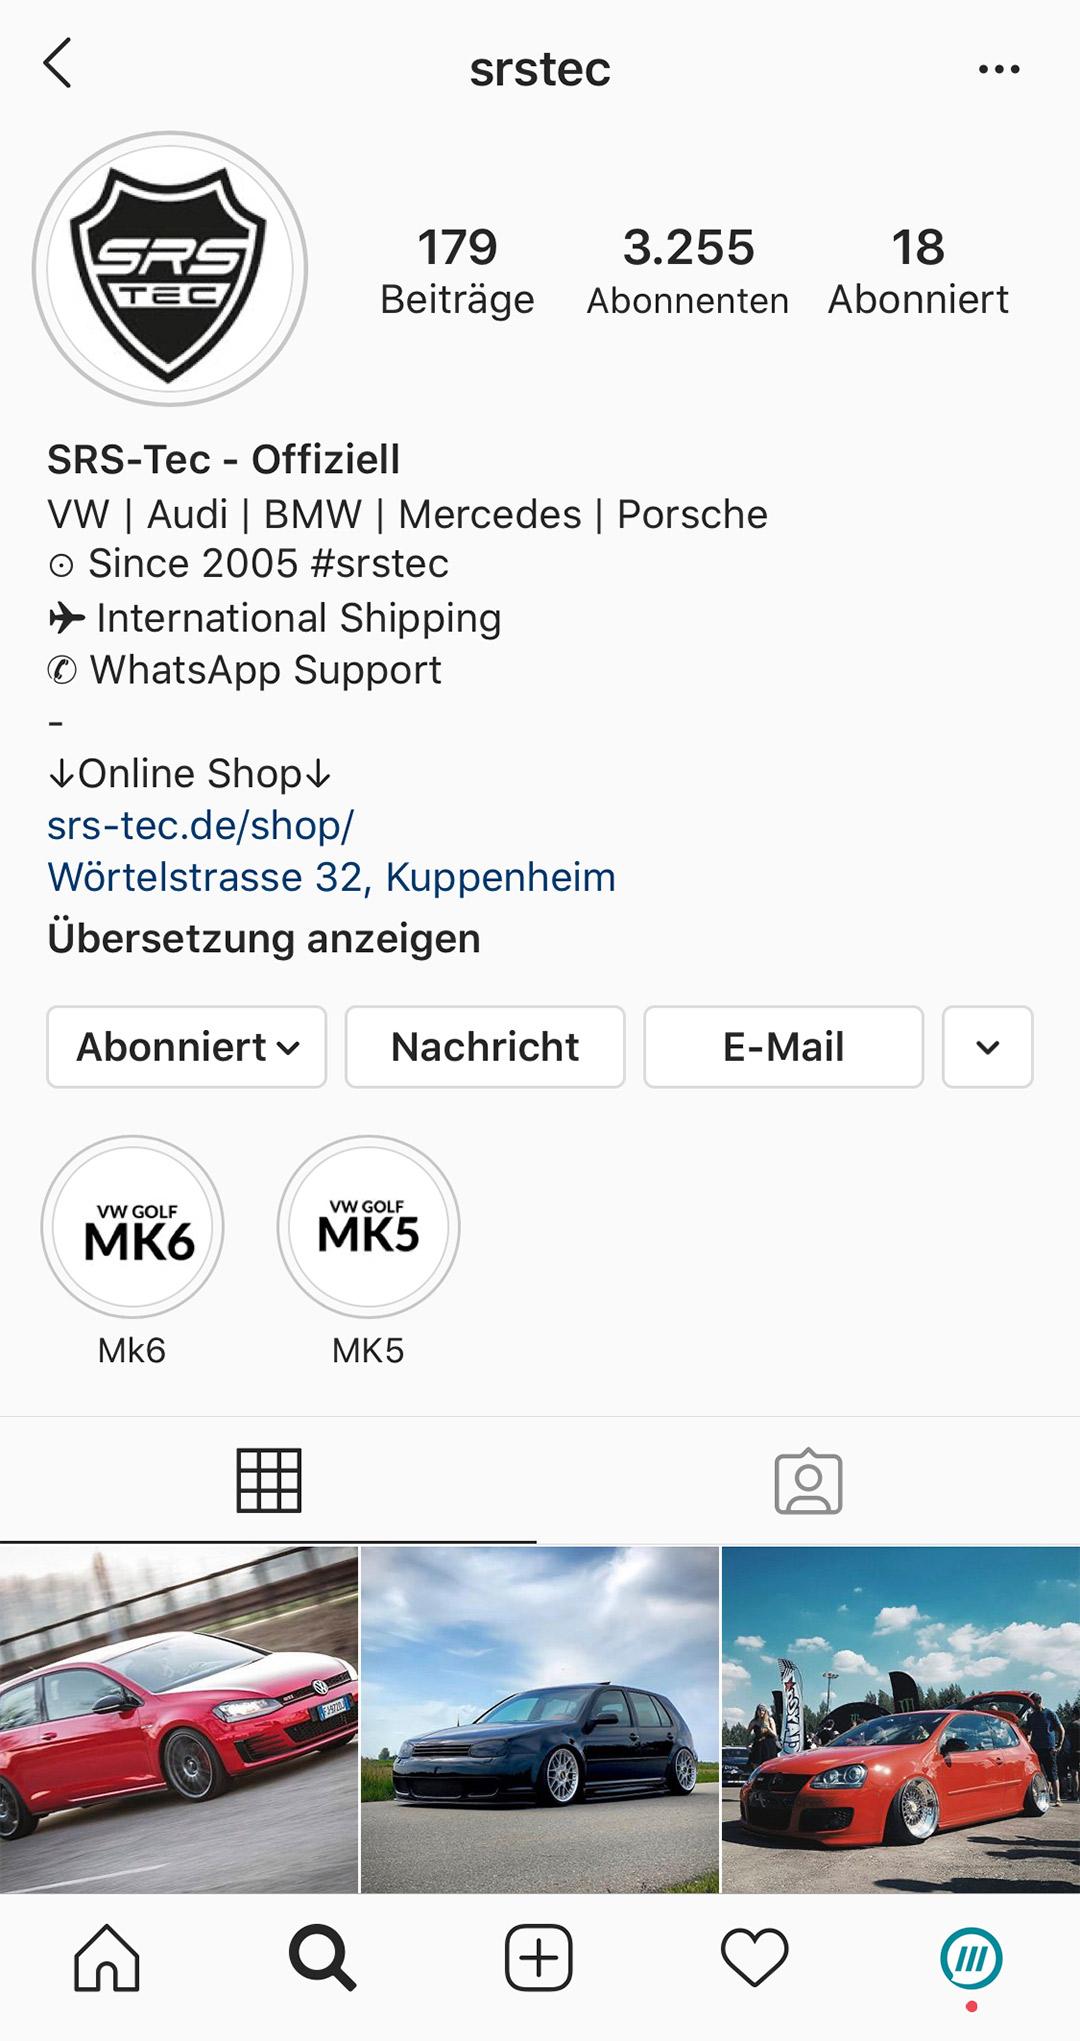 Instagram Profil von SRS-Tec